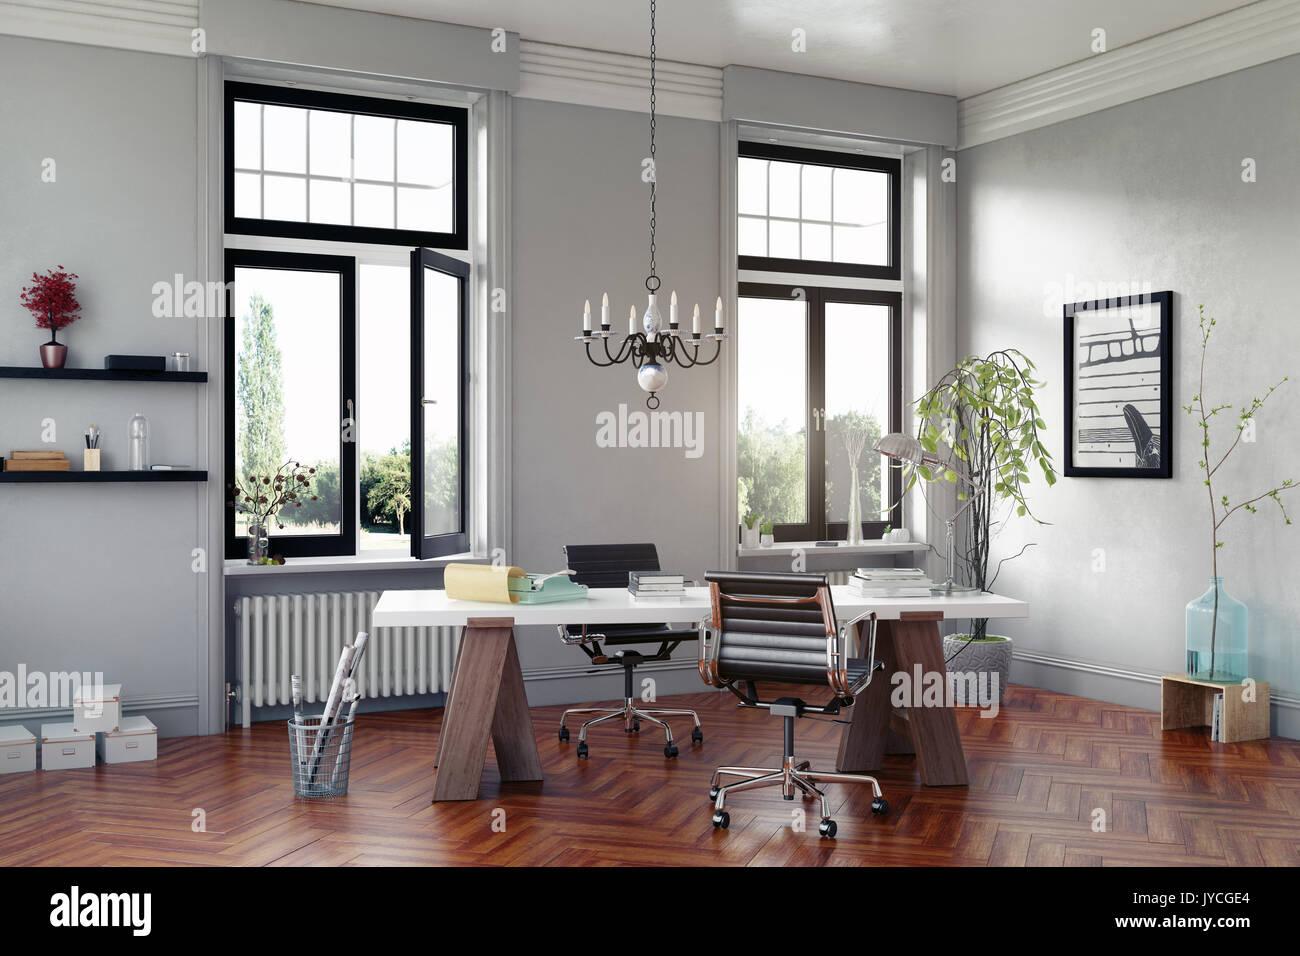 La moderna sala de estudio con mesa y sillones. Concepto 3D rendering Imagen De Stock